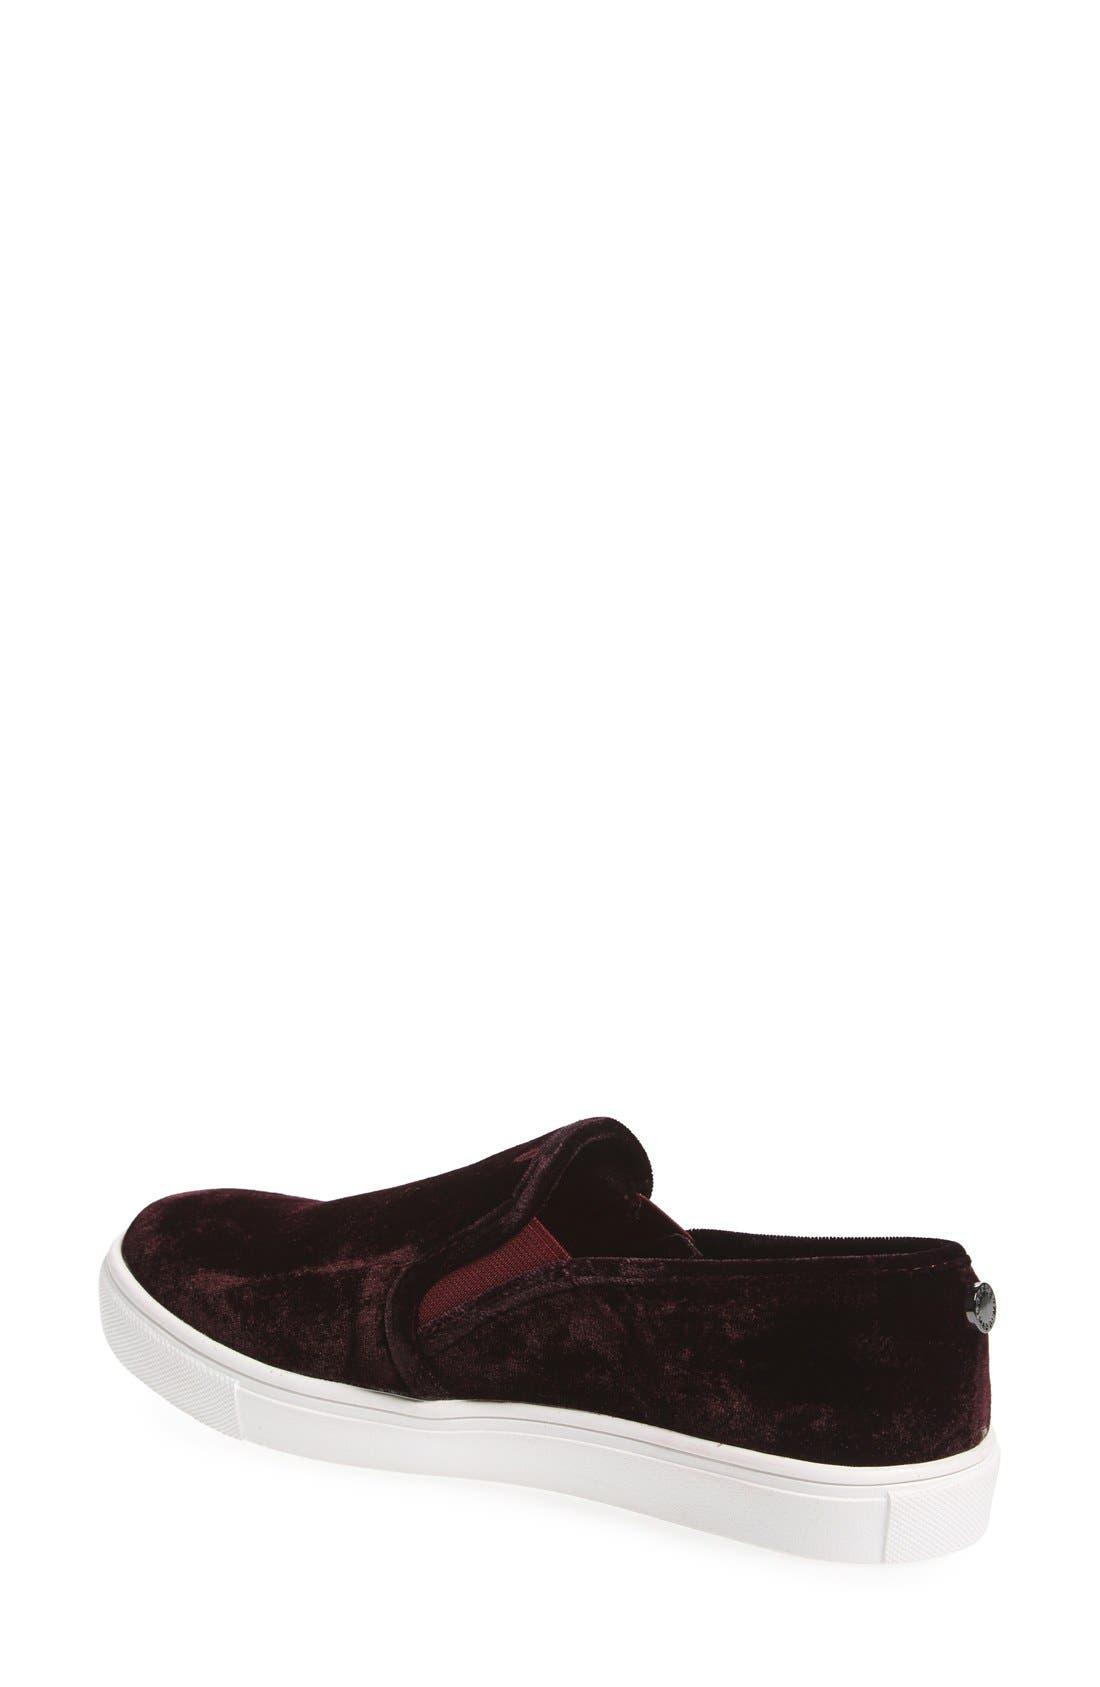 Ecntrcv Slip-On Sneaker,                             Alternate thumbnail 12, color,